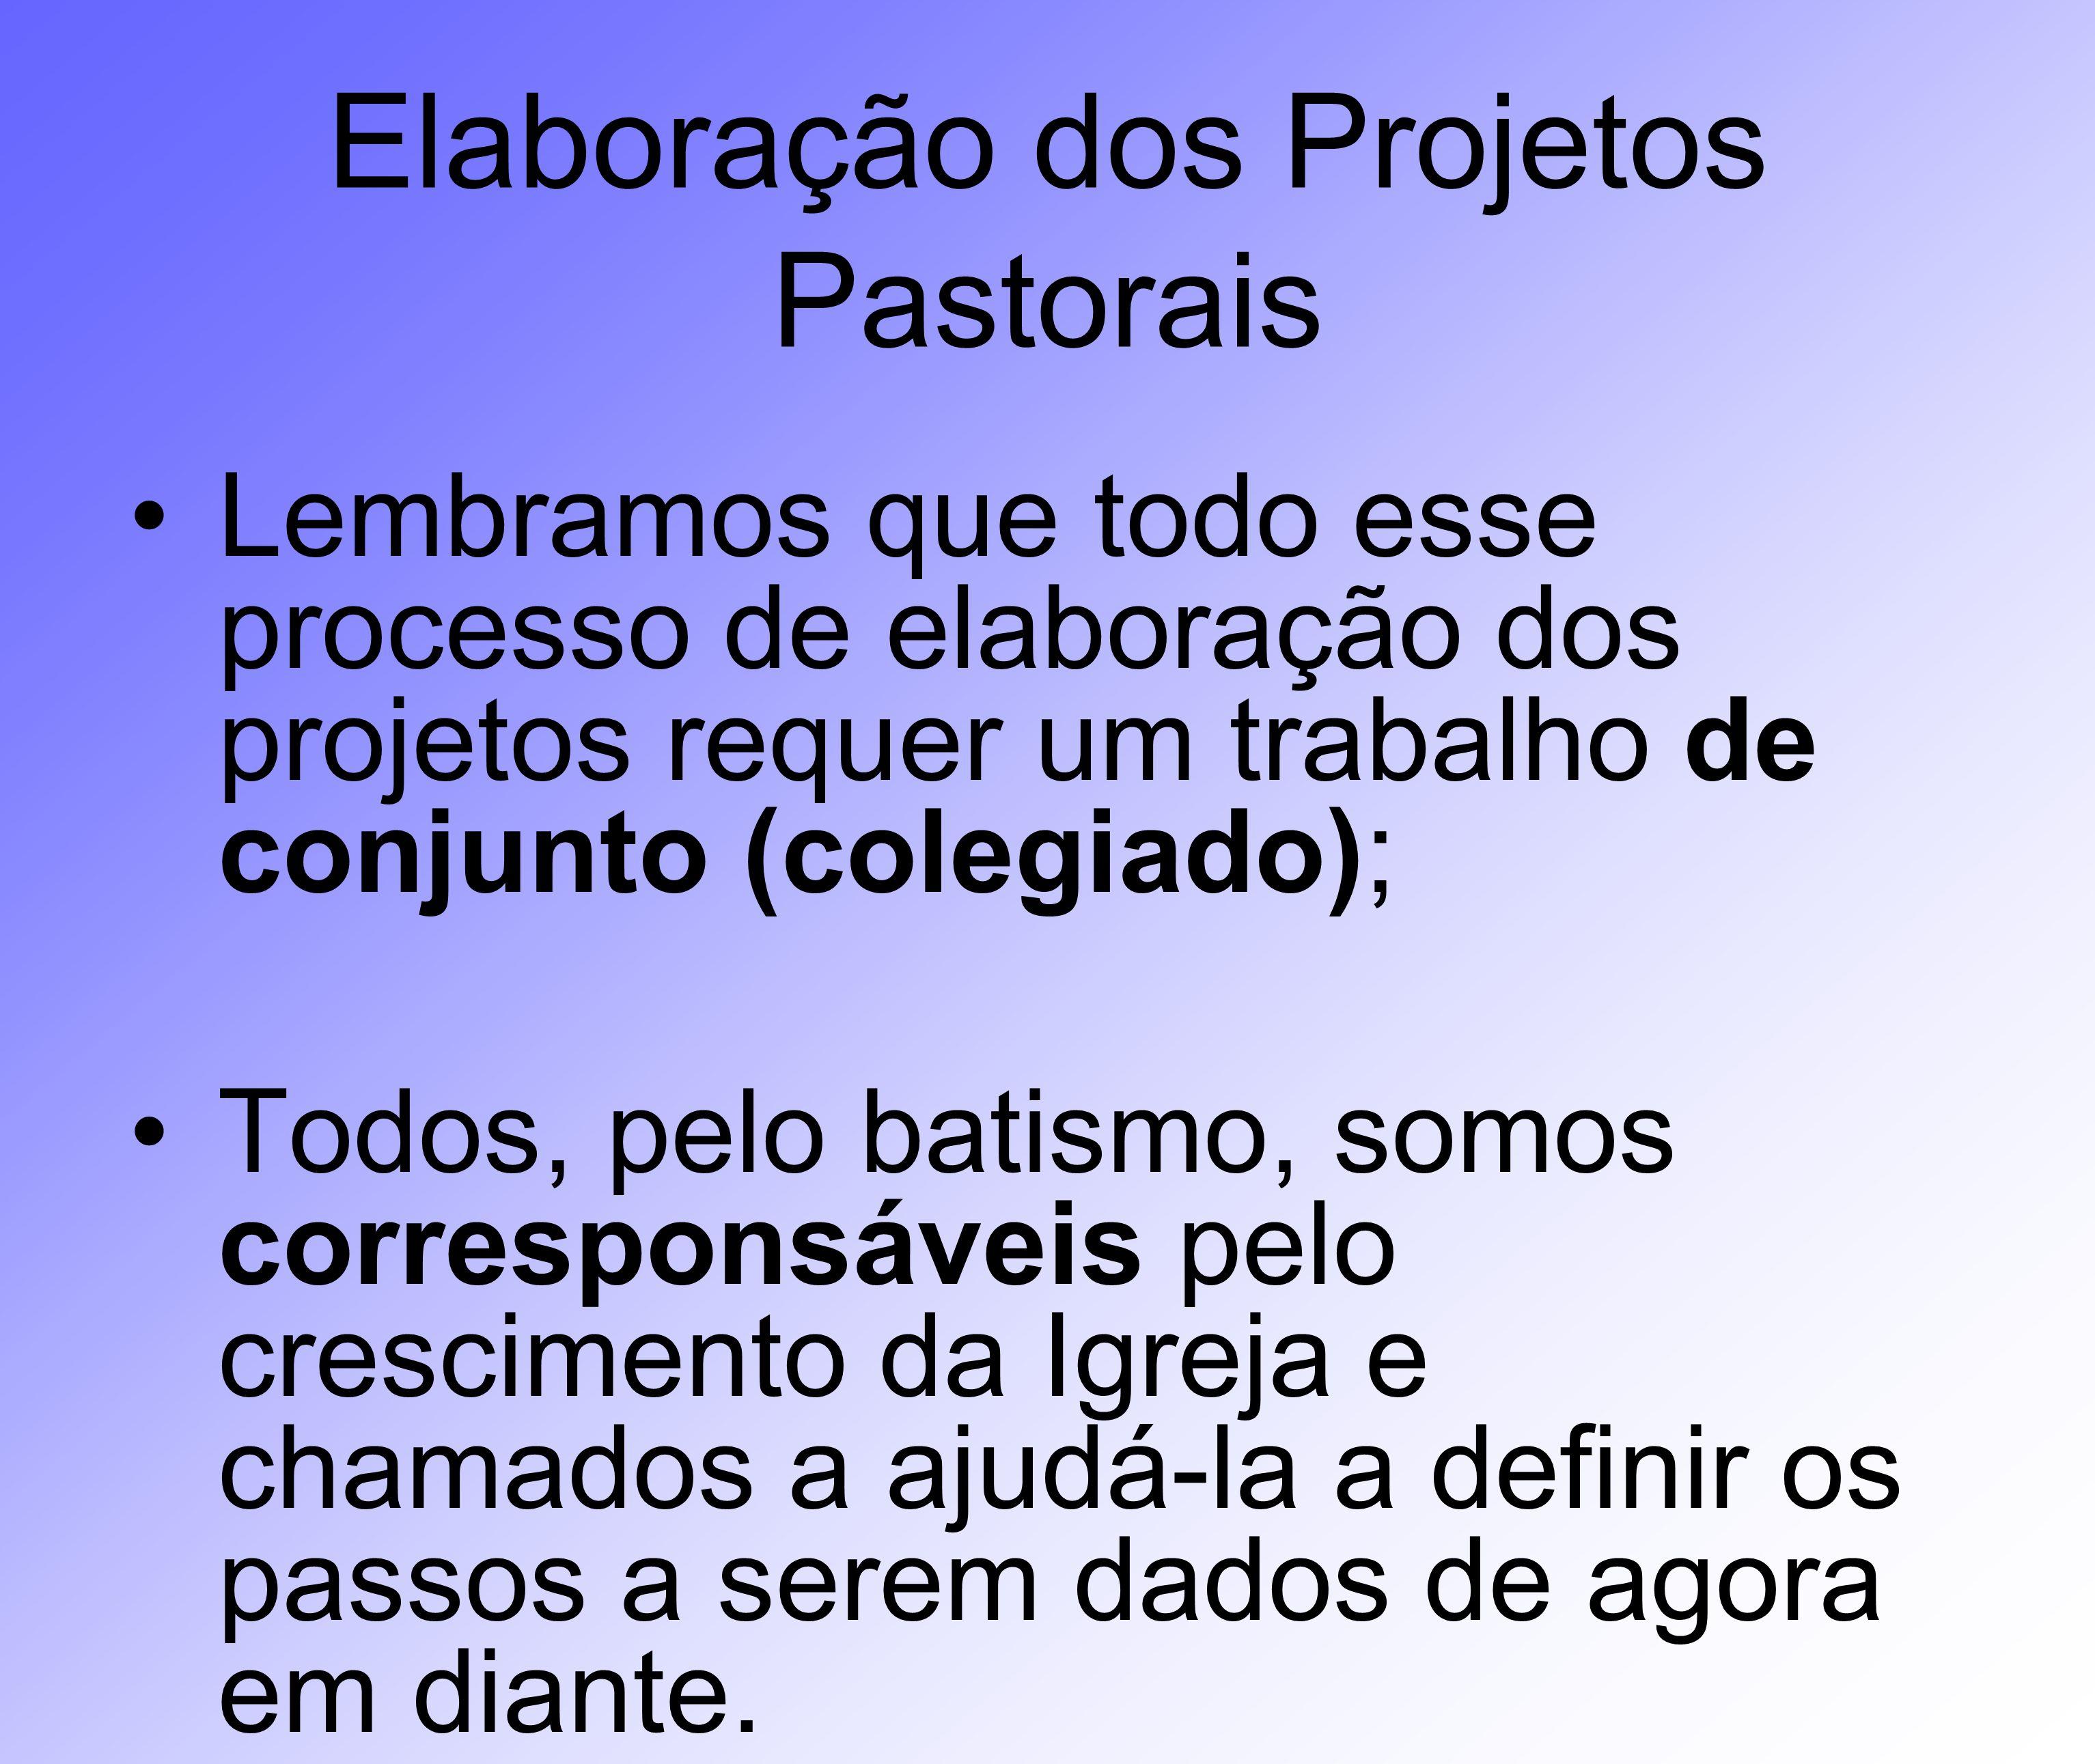 Elaboração dos Projetos Pastorais